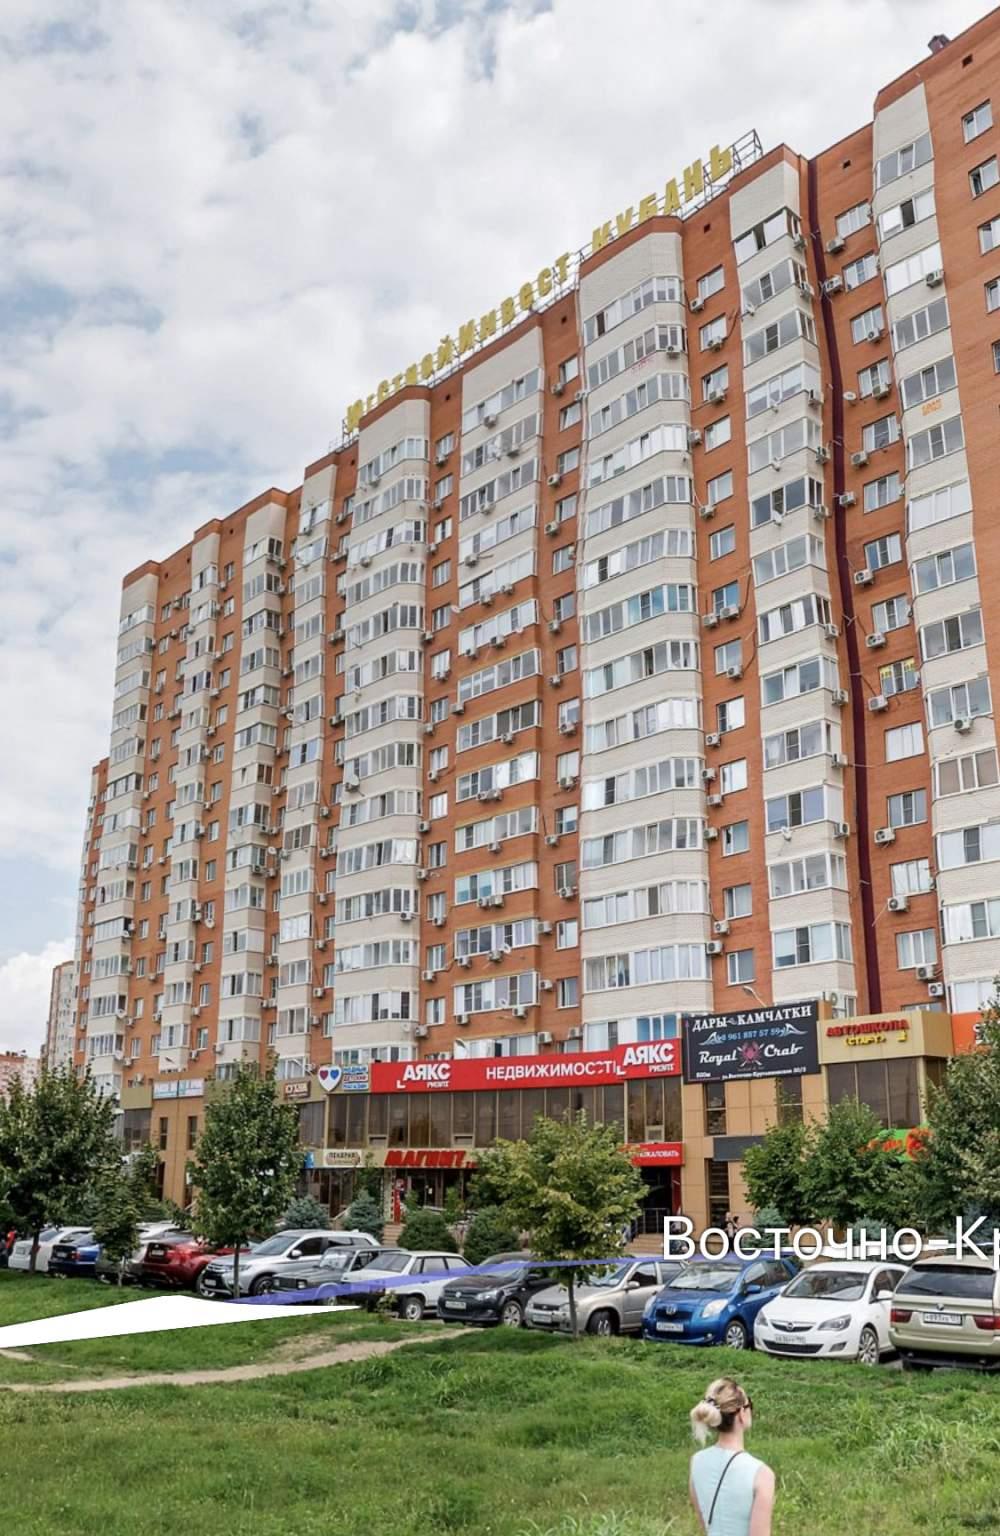 Офисные Помещения в аренду по адресу Россия, Краснодарский край, Краснодар, Восточно-Кругликовская улица, 22